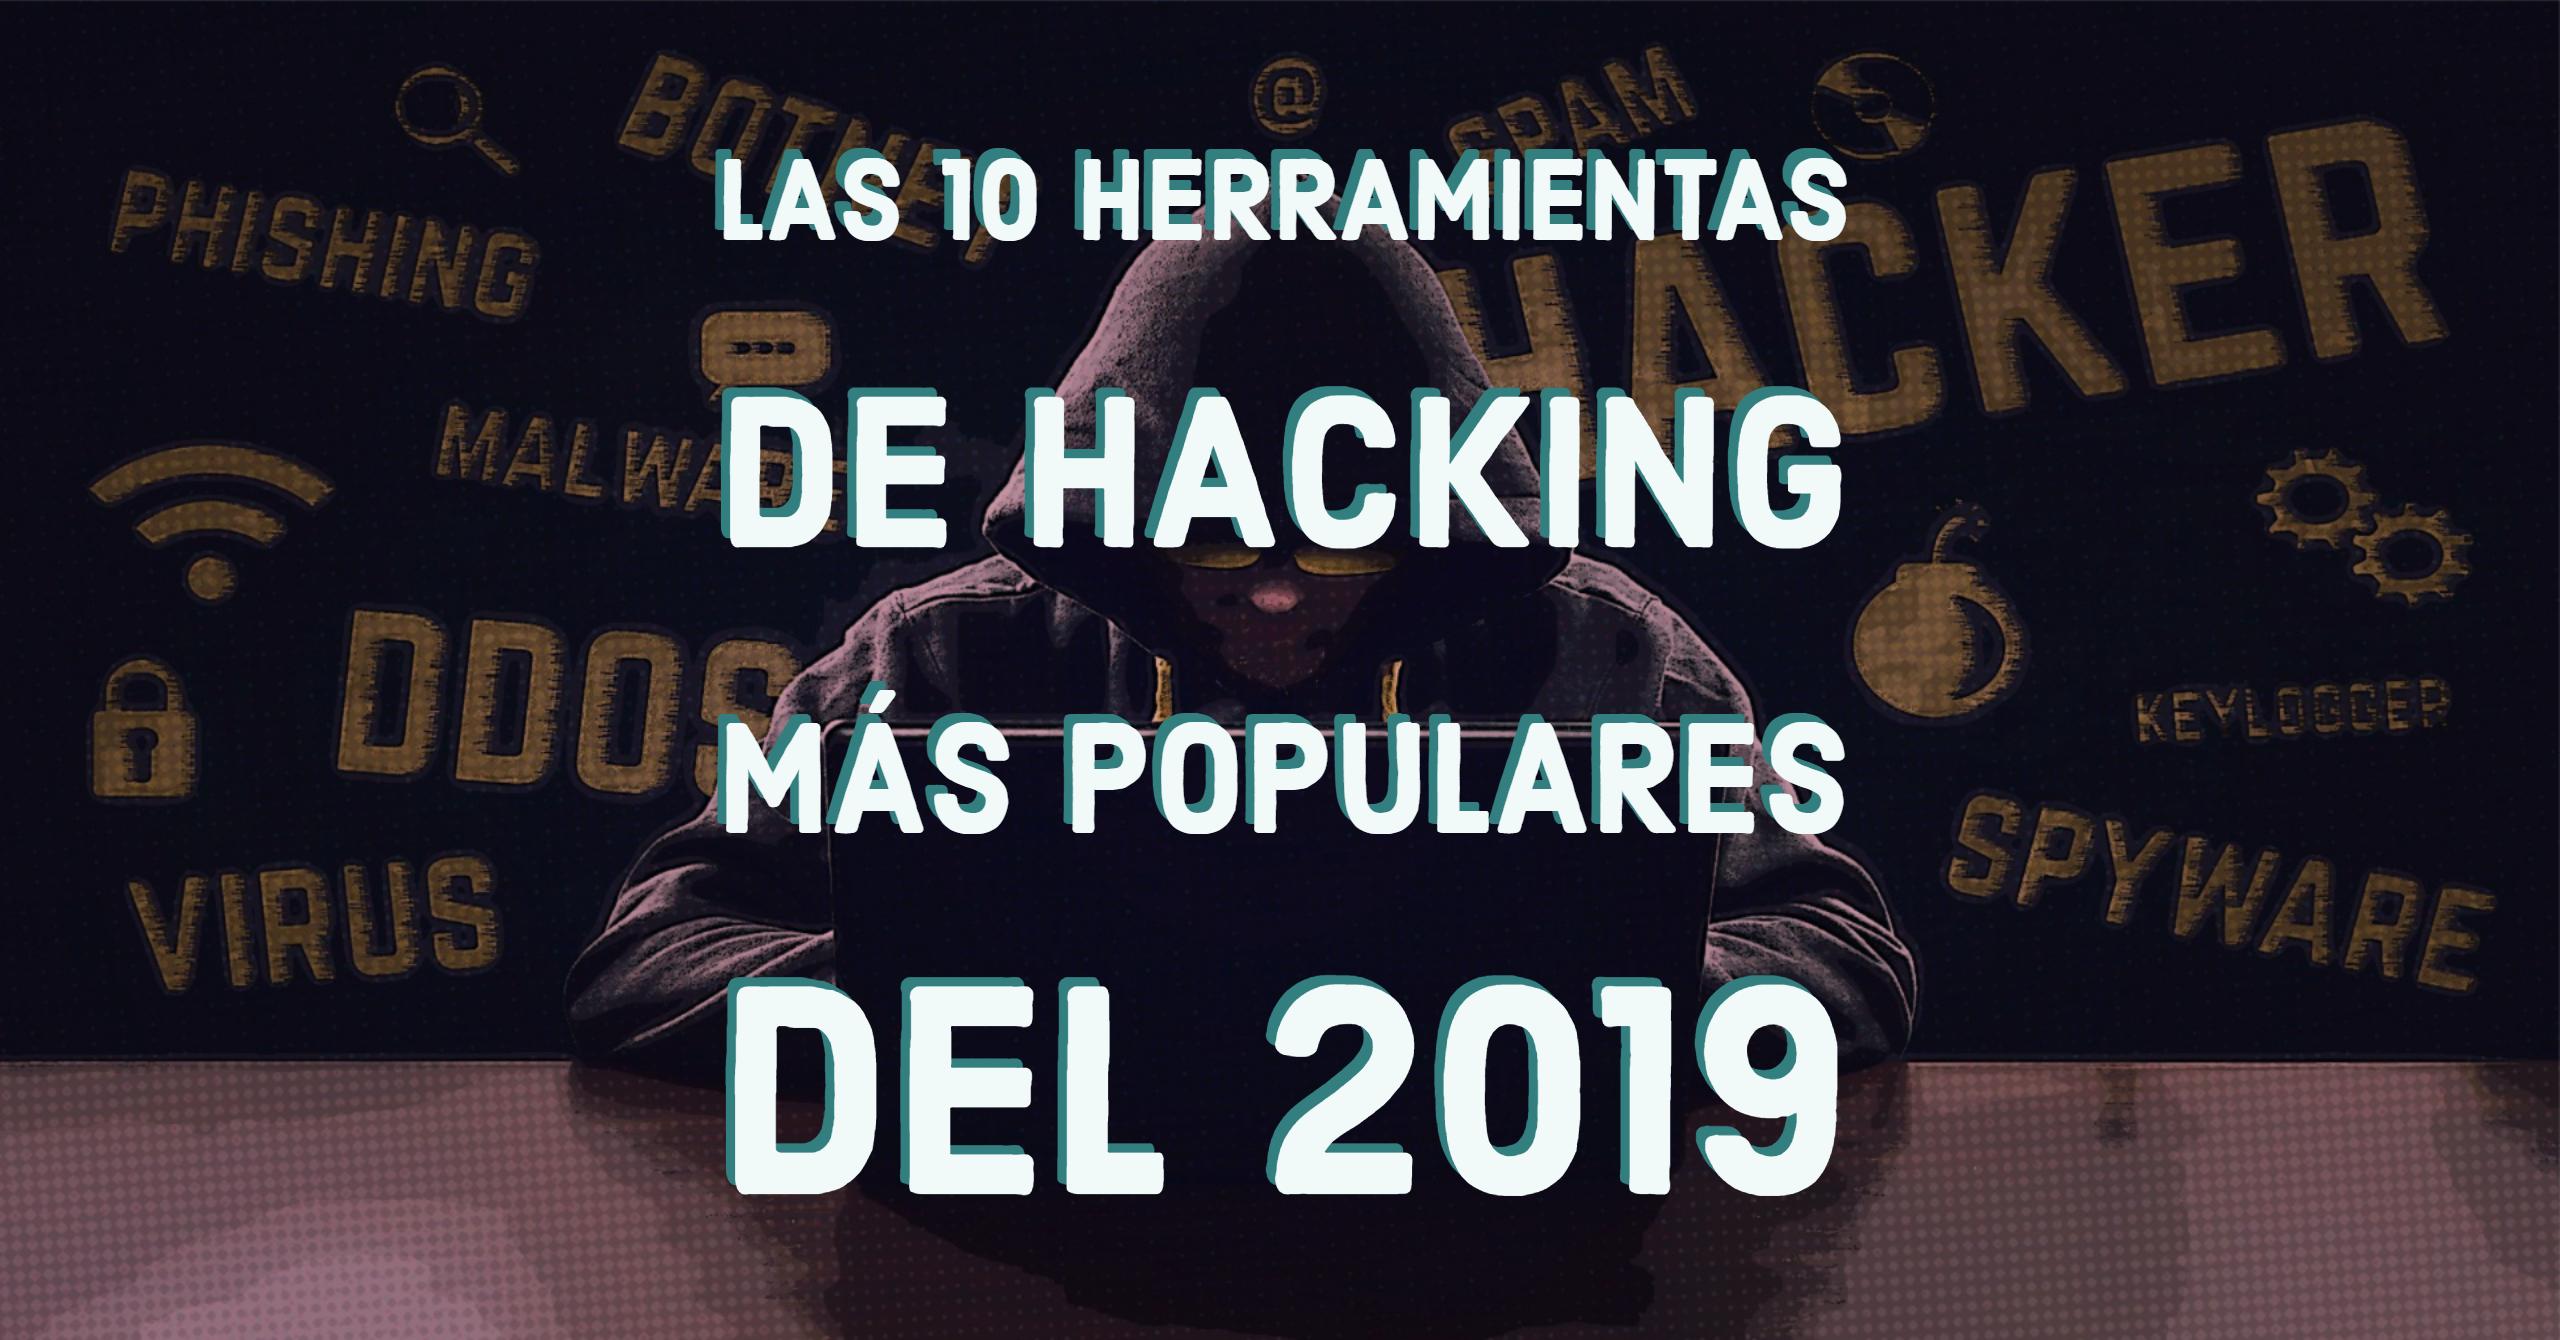 Las 10 herramientas de hacking más populares del 2019